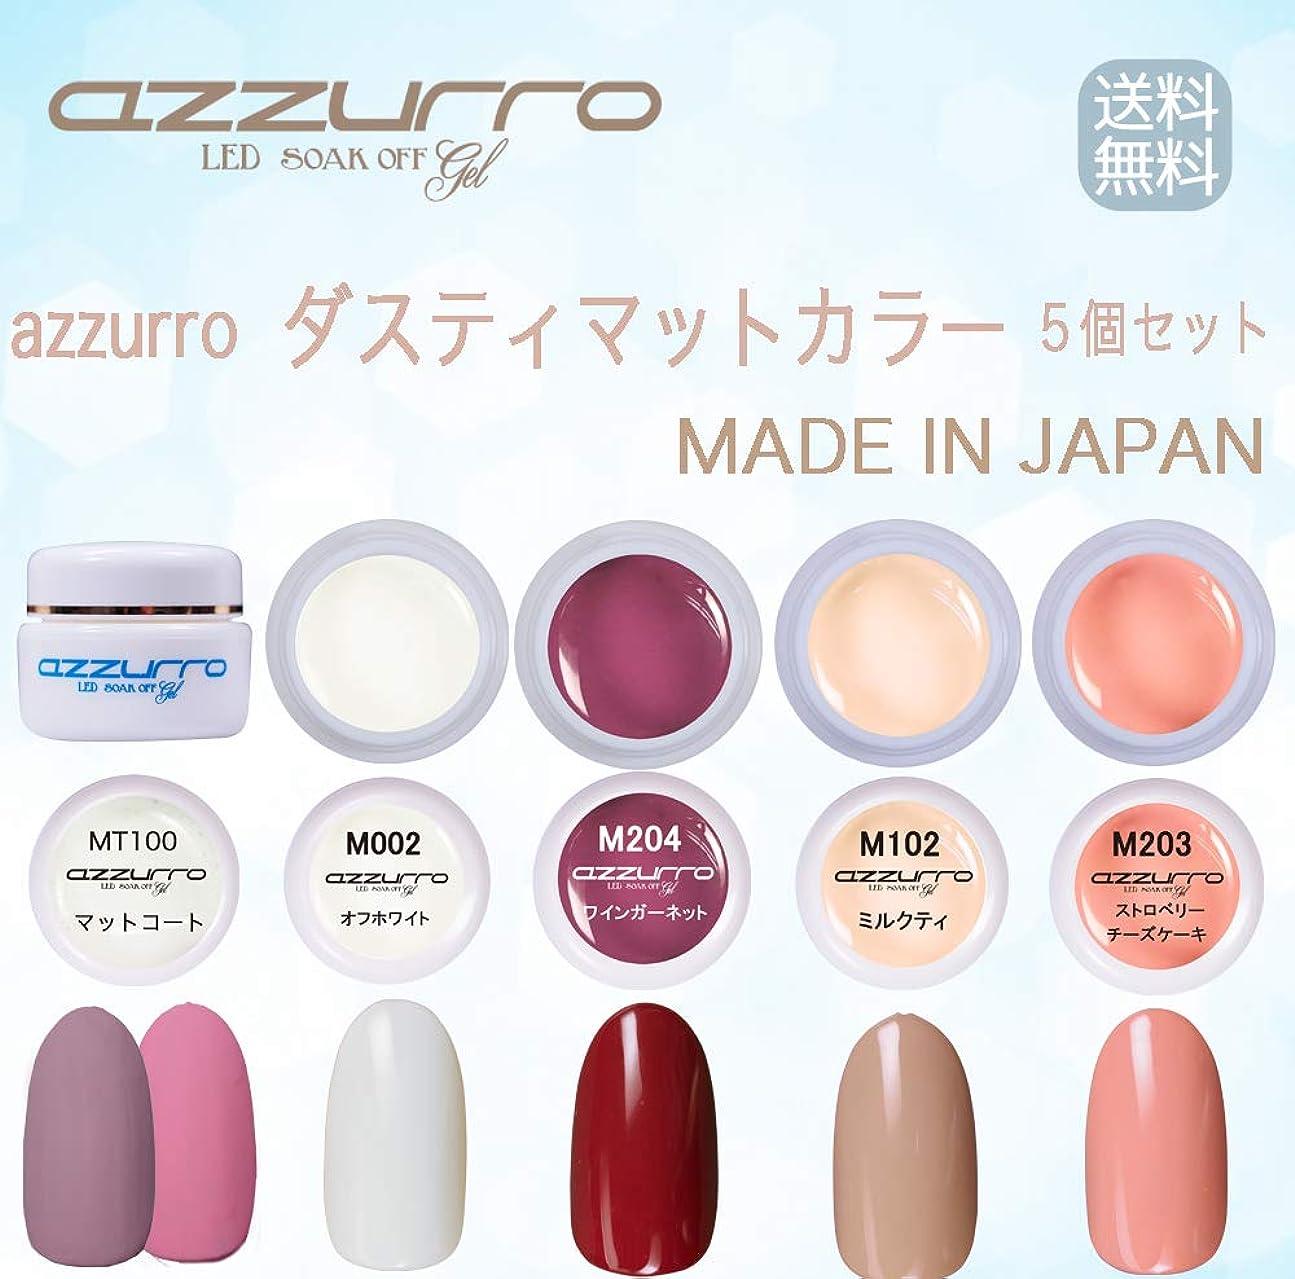 不変確認祭り【送料無料】日本製 azzurro gel ダスティマットカラージェル5個セット 春ネイルにぴったりなダスティなマットカラー